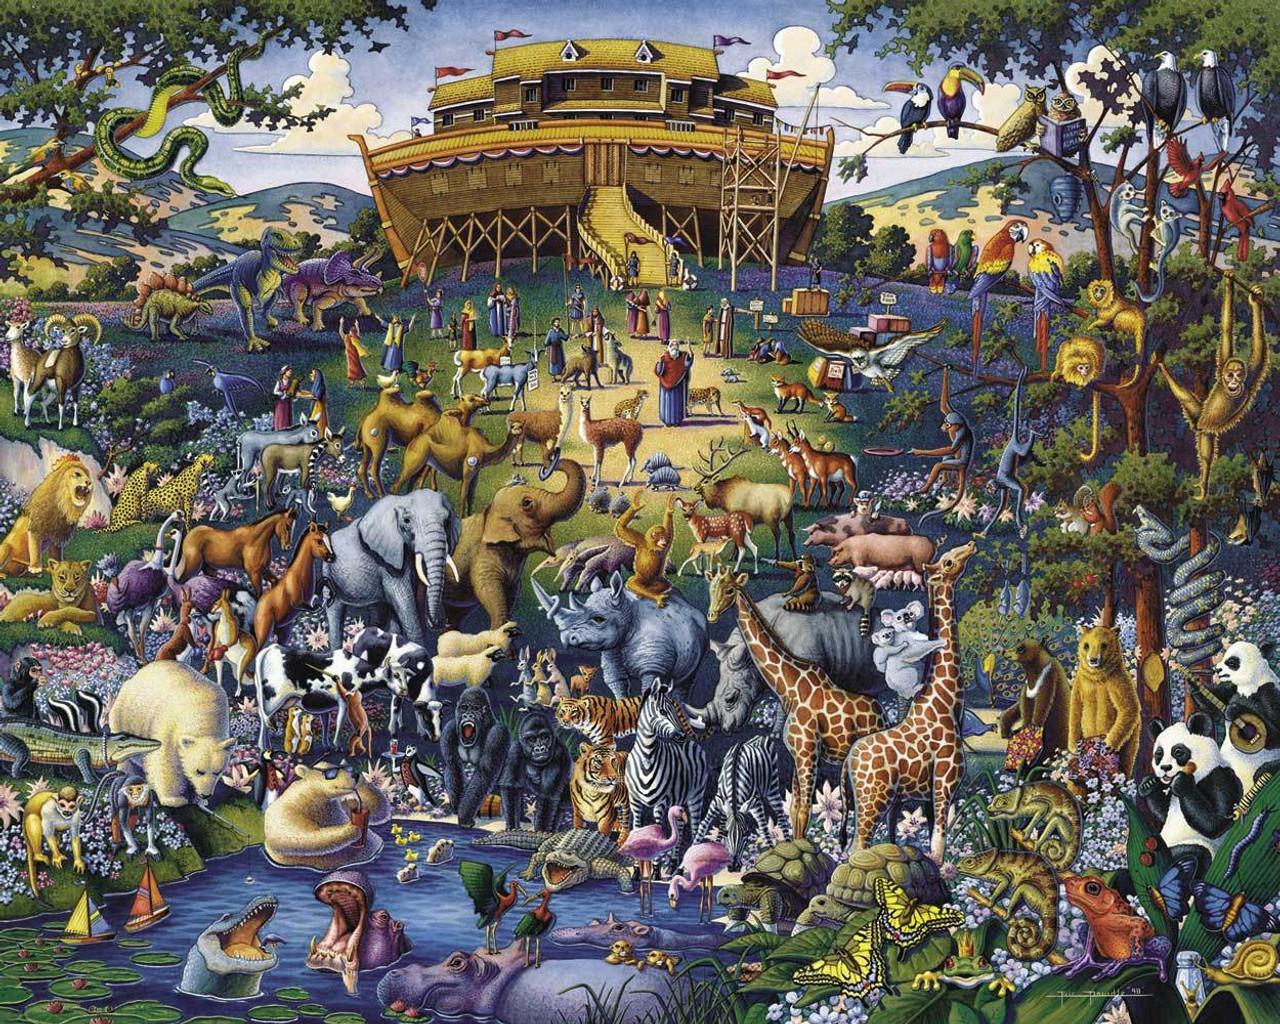 Noah's Ark: 300 Piece Classic Wooden Jigsaw Puzzle | Dowdle Puzzles